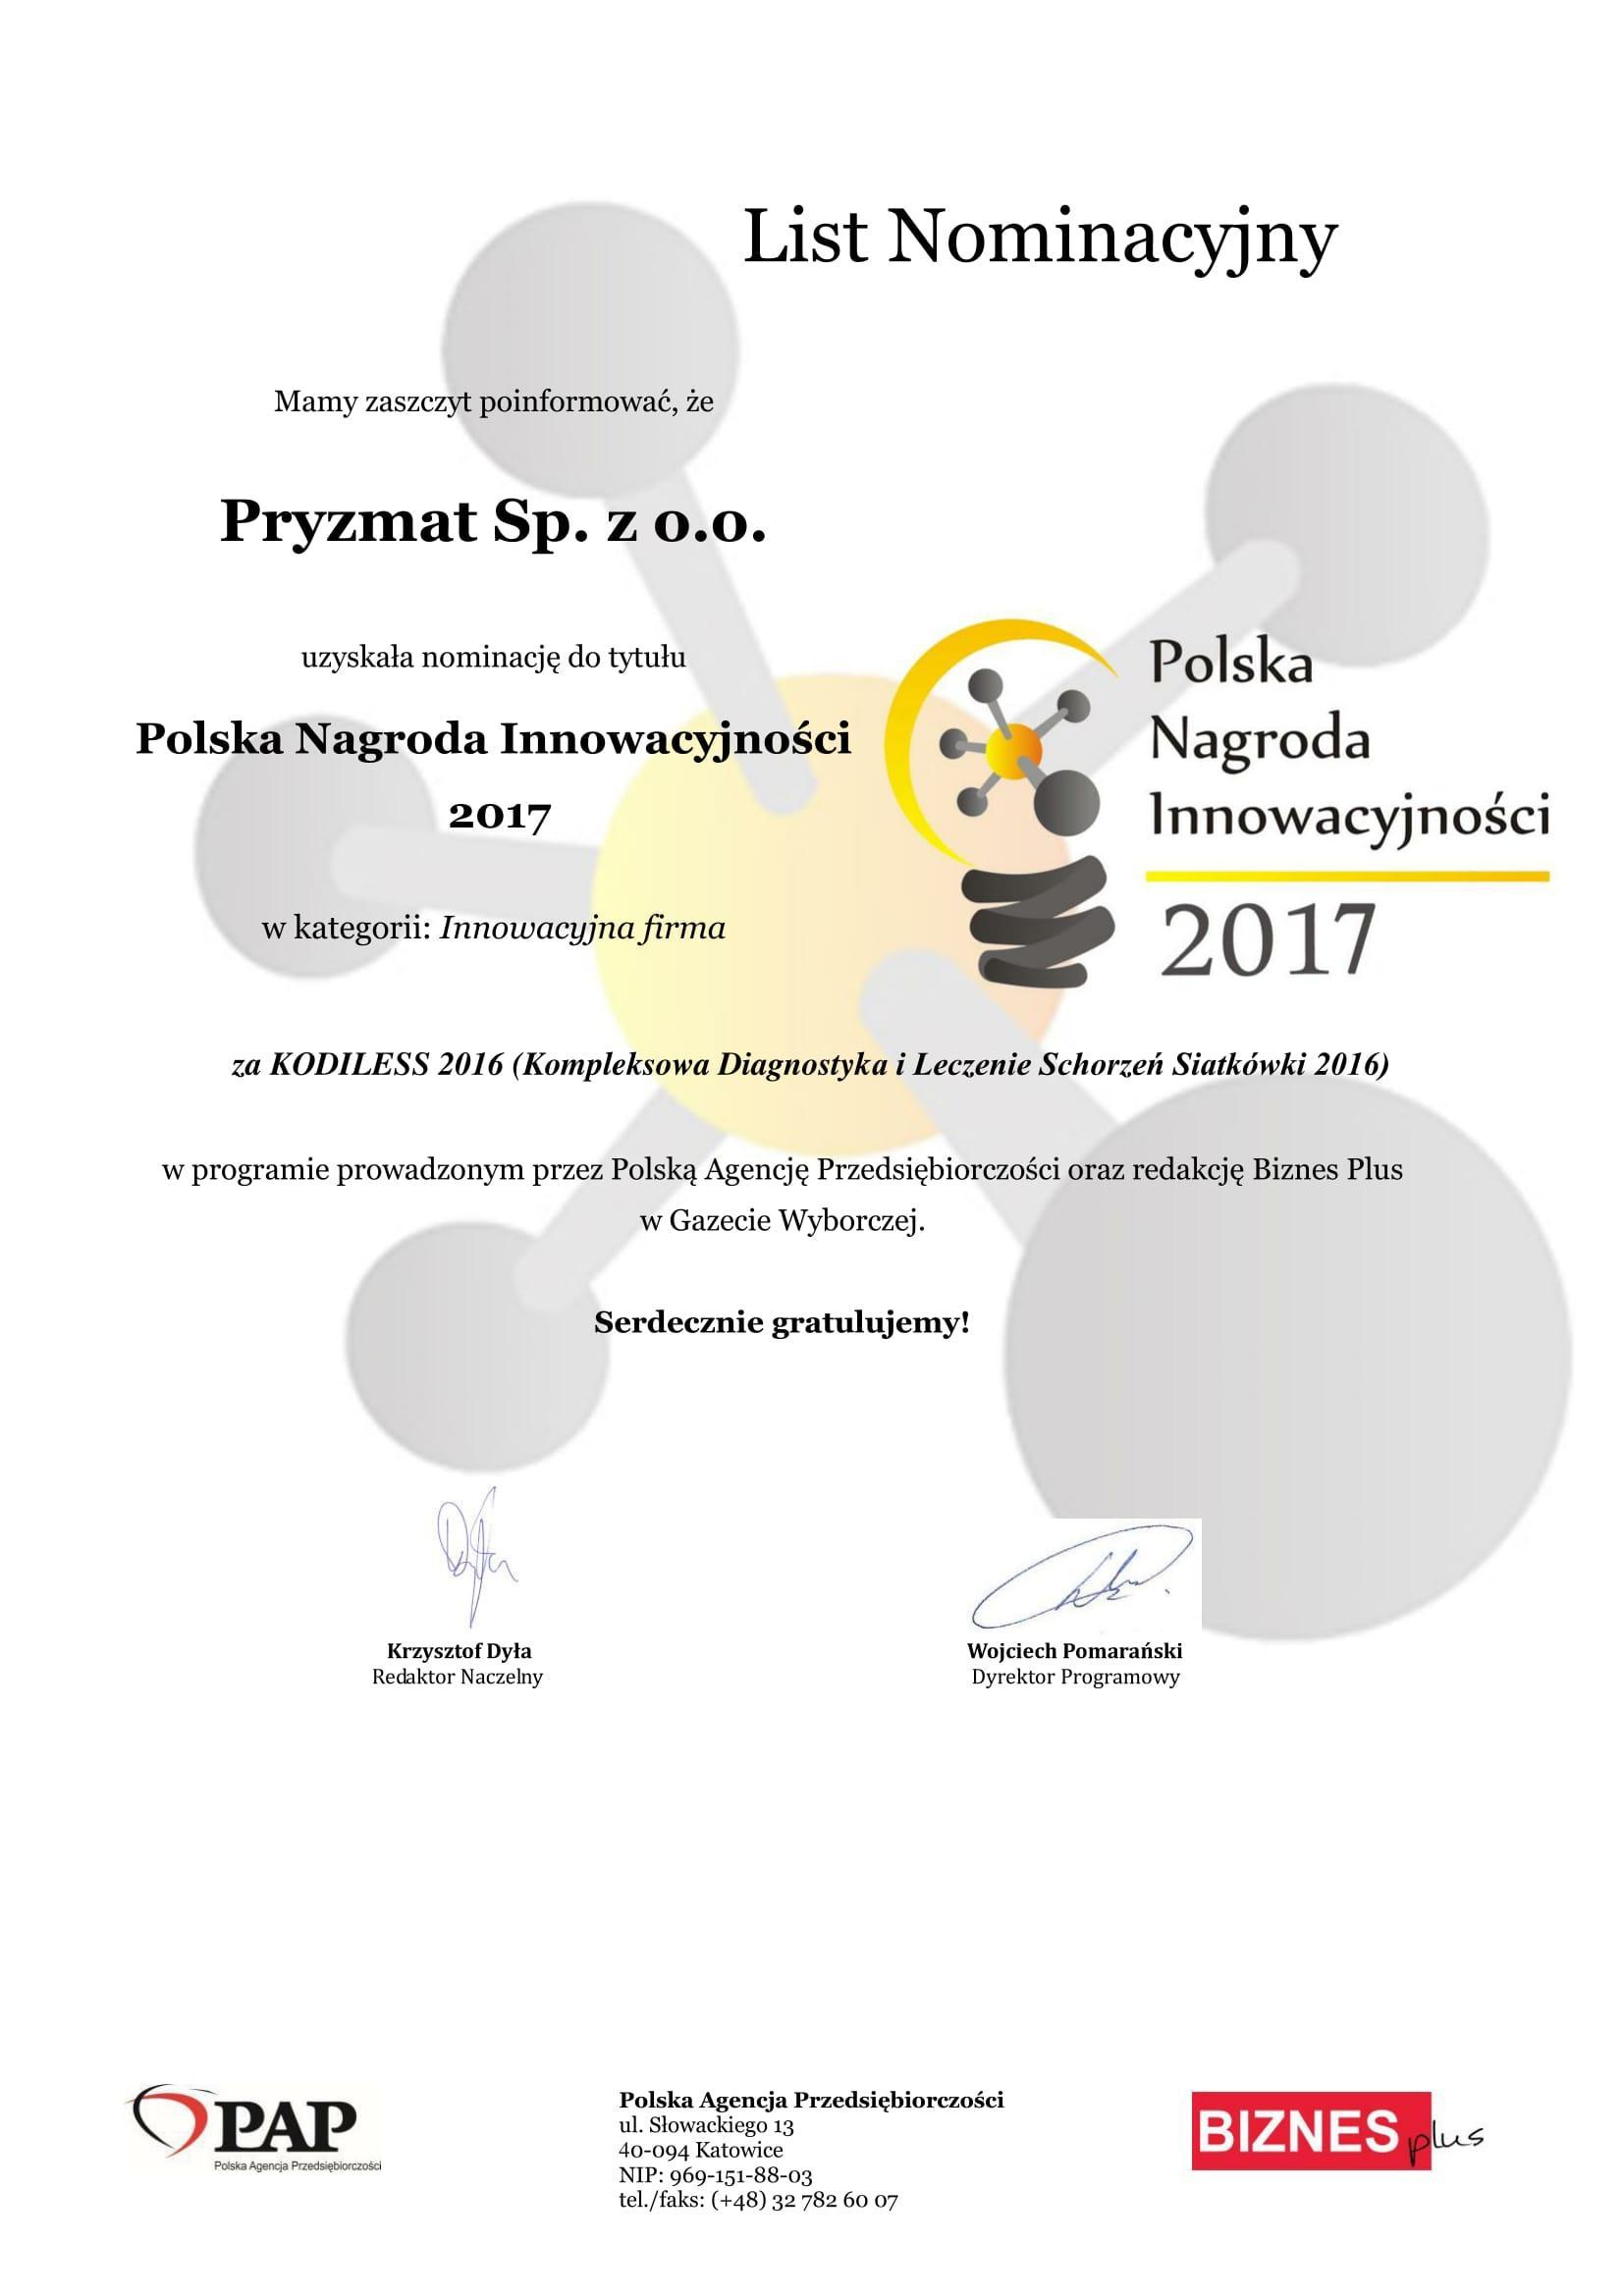 List Nominacyjny PNI 2017 Pryzmat 1 1 - Nominacja do tytułu: Polska Nagroda Innowacyjności 2017